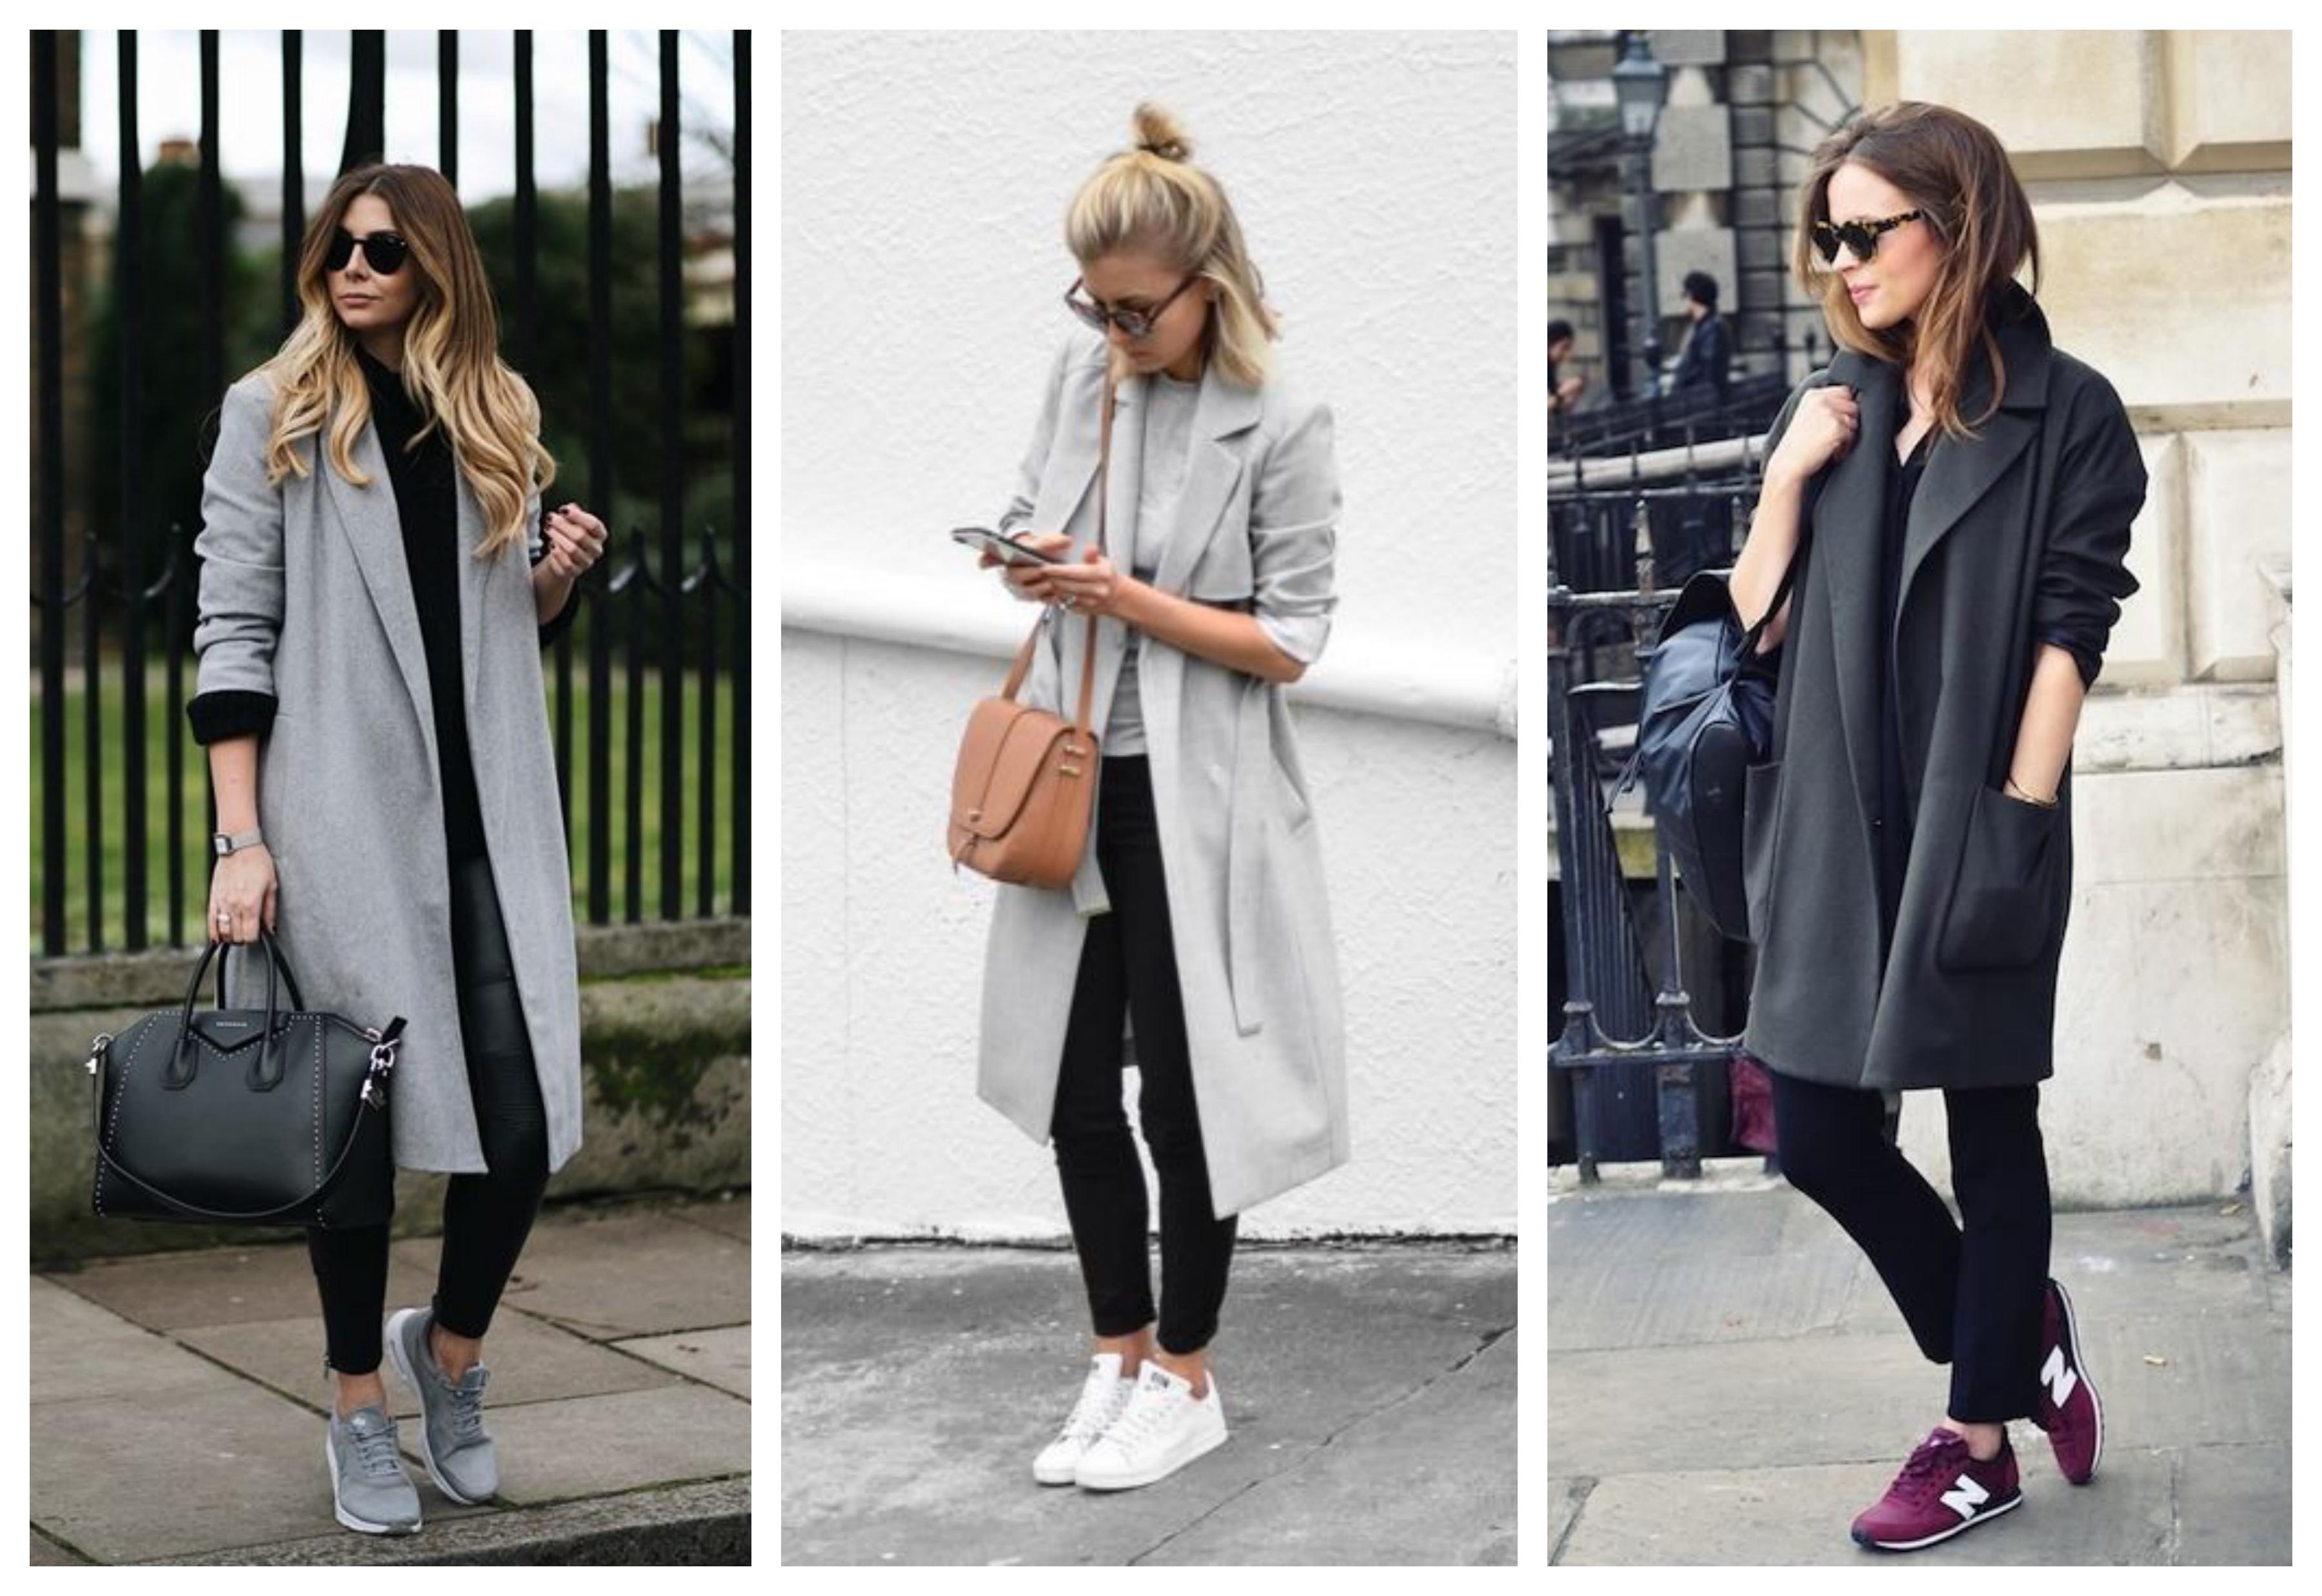 Серое женское пальто с кроссовками